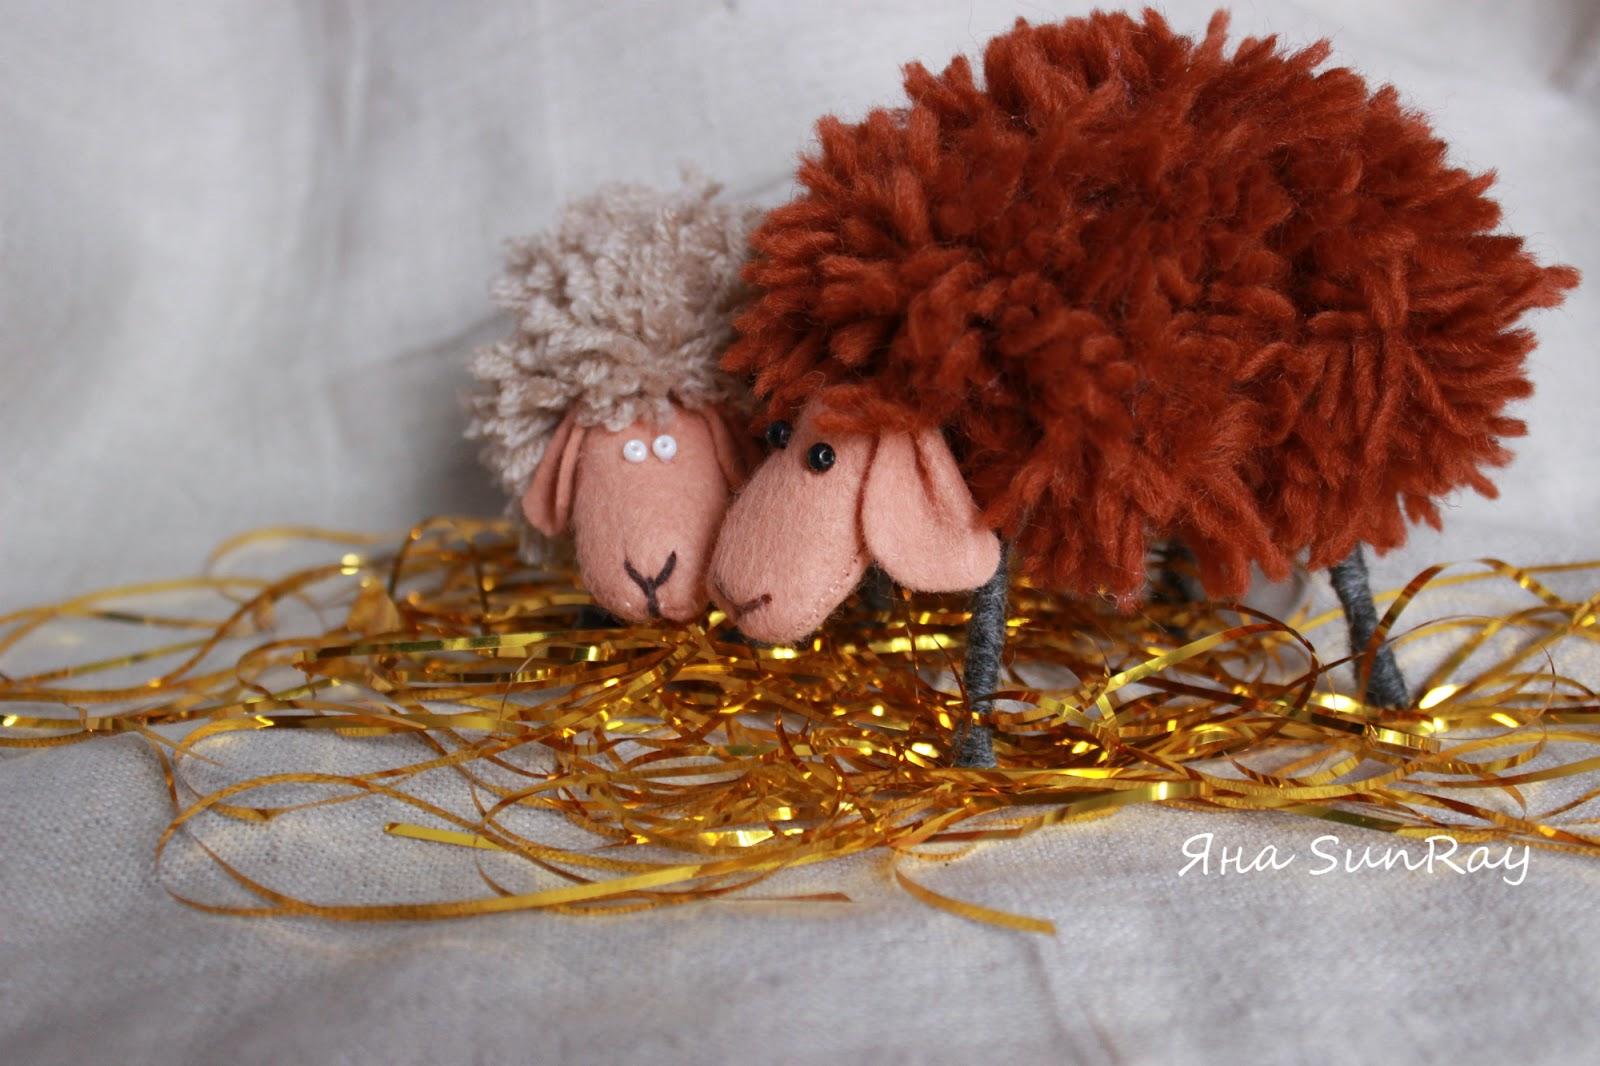 года своими руками, настроение своими руками,хендмейд, овечка своими руками, мастерим с детьми